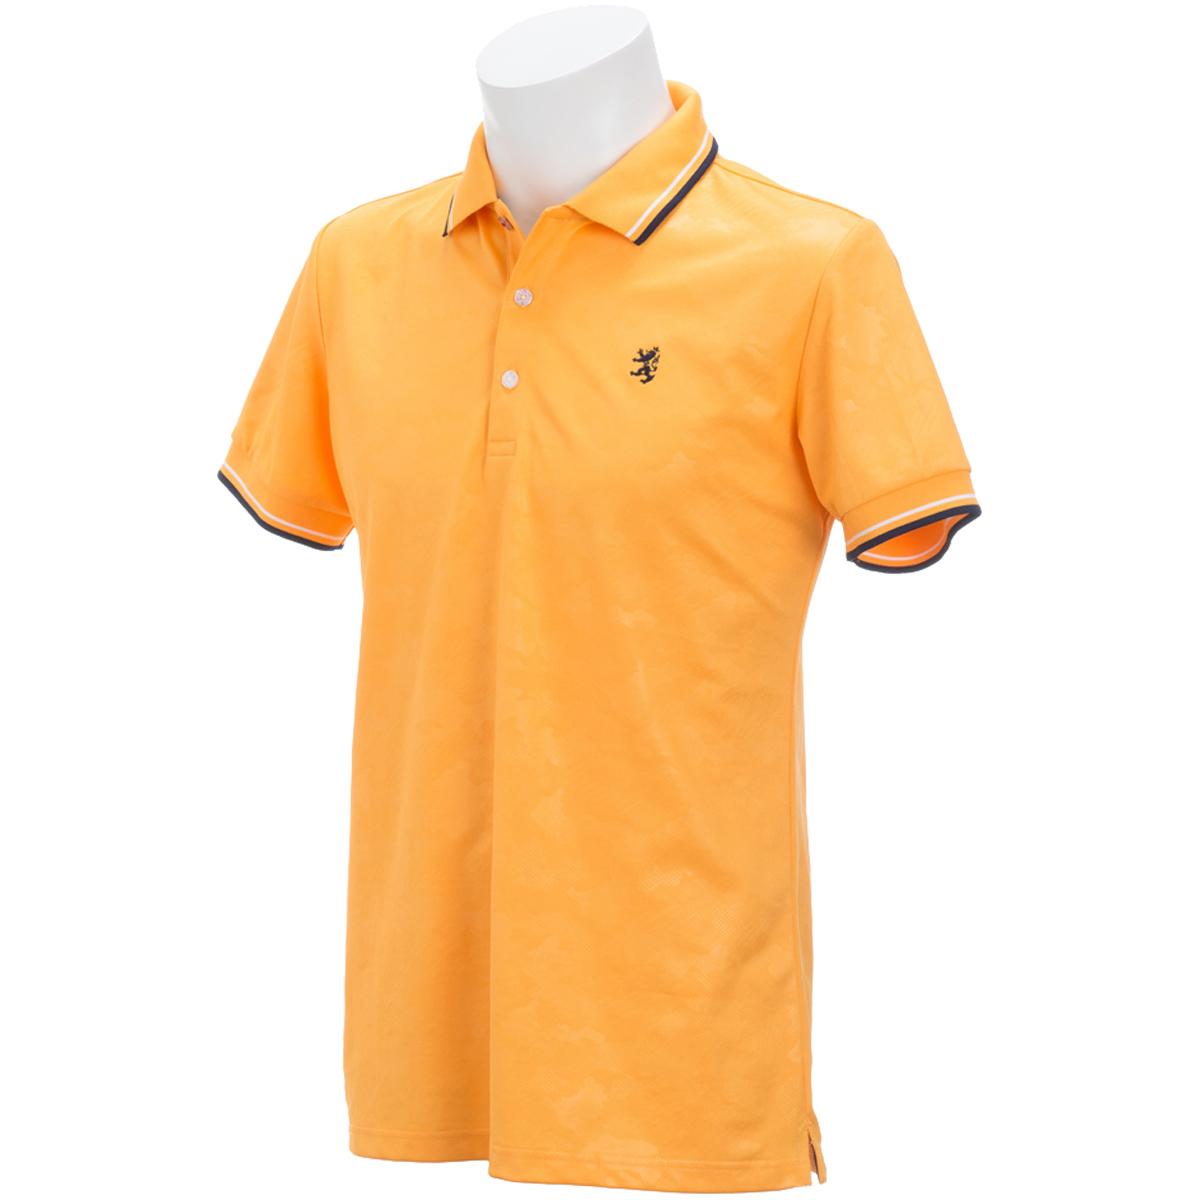 カモフラージュ エンボス 半袖ポロシャツ